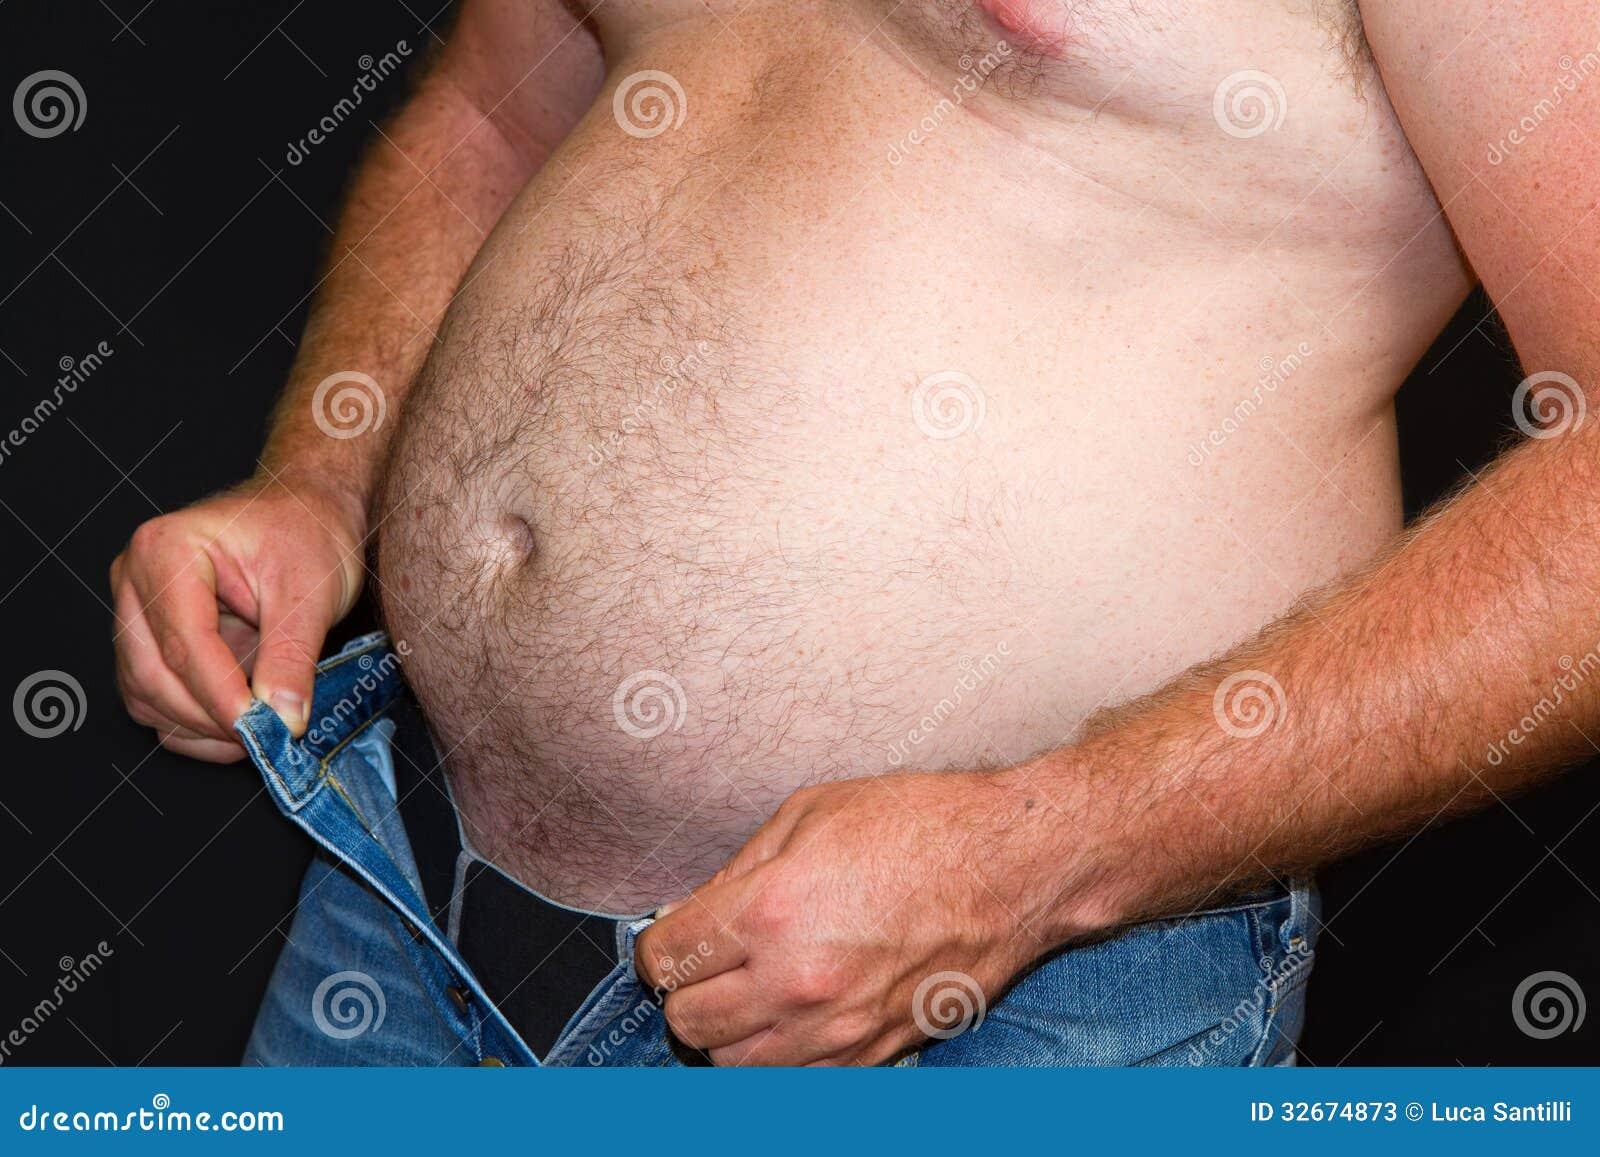 perdere peso uomo dieta atkins